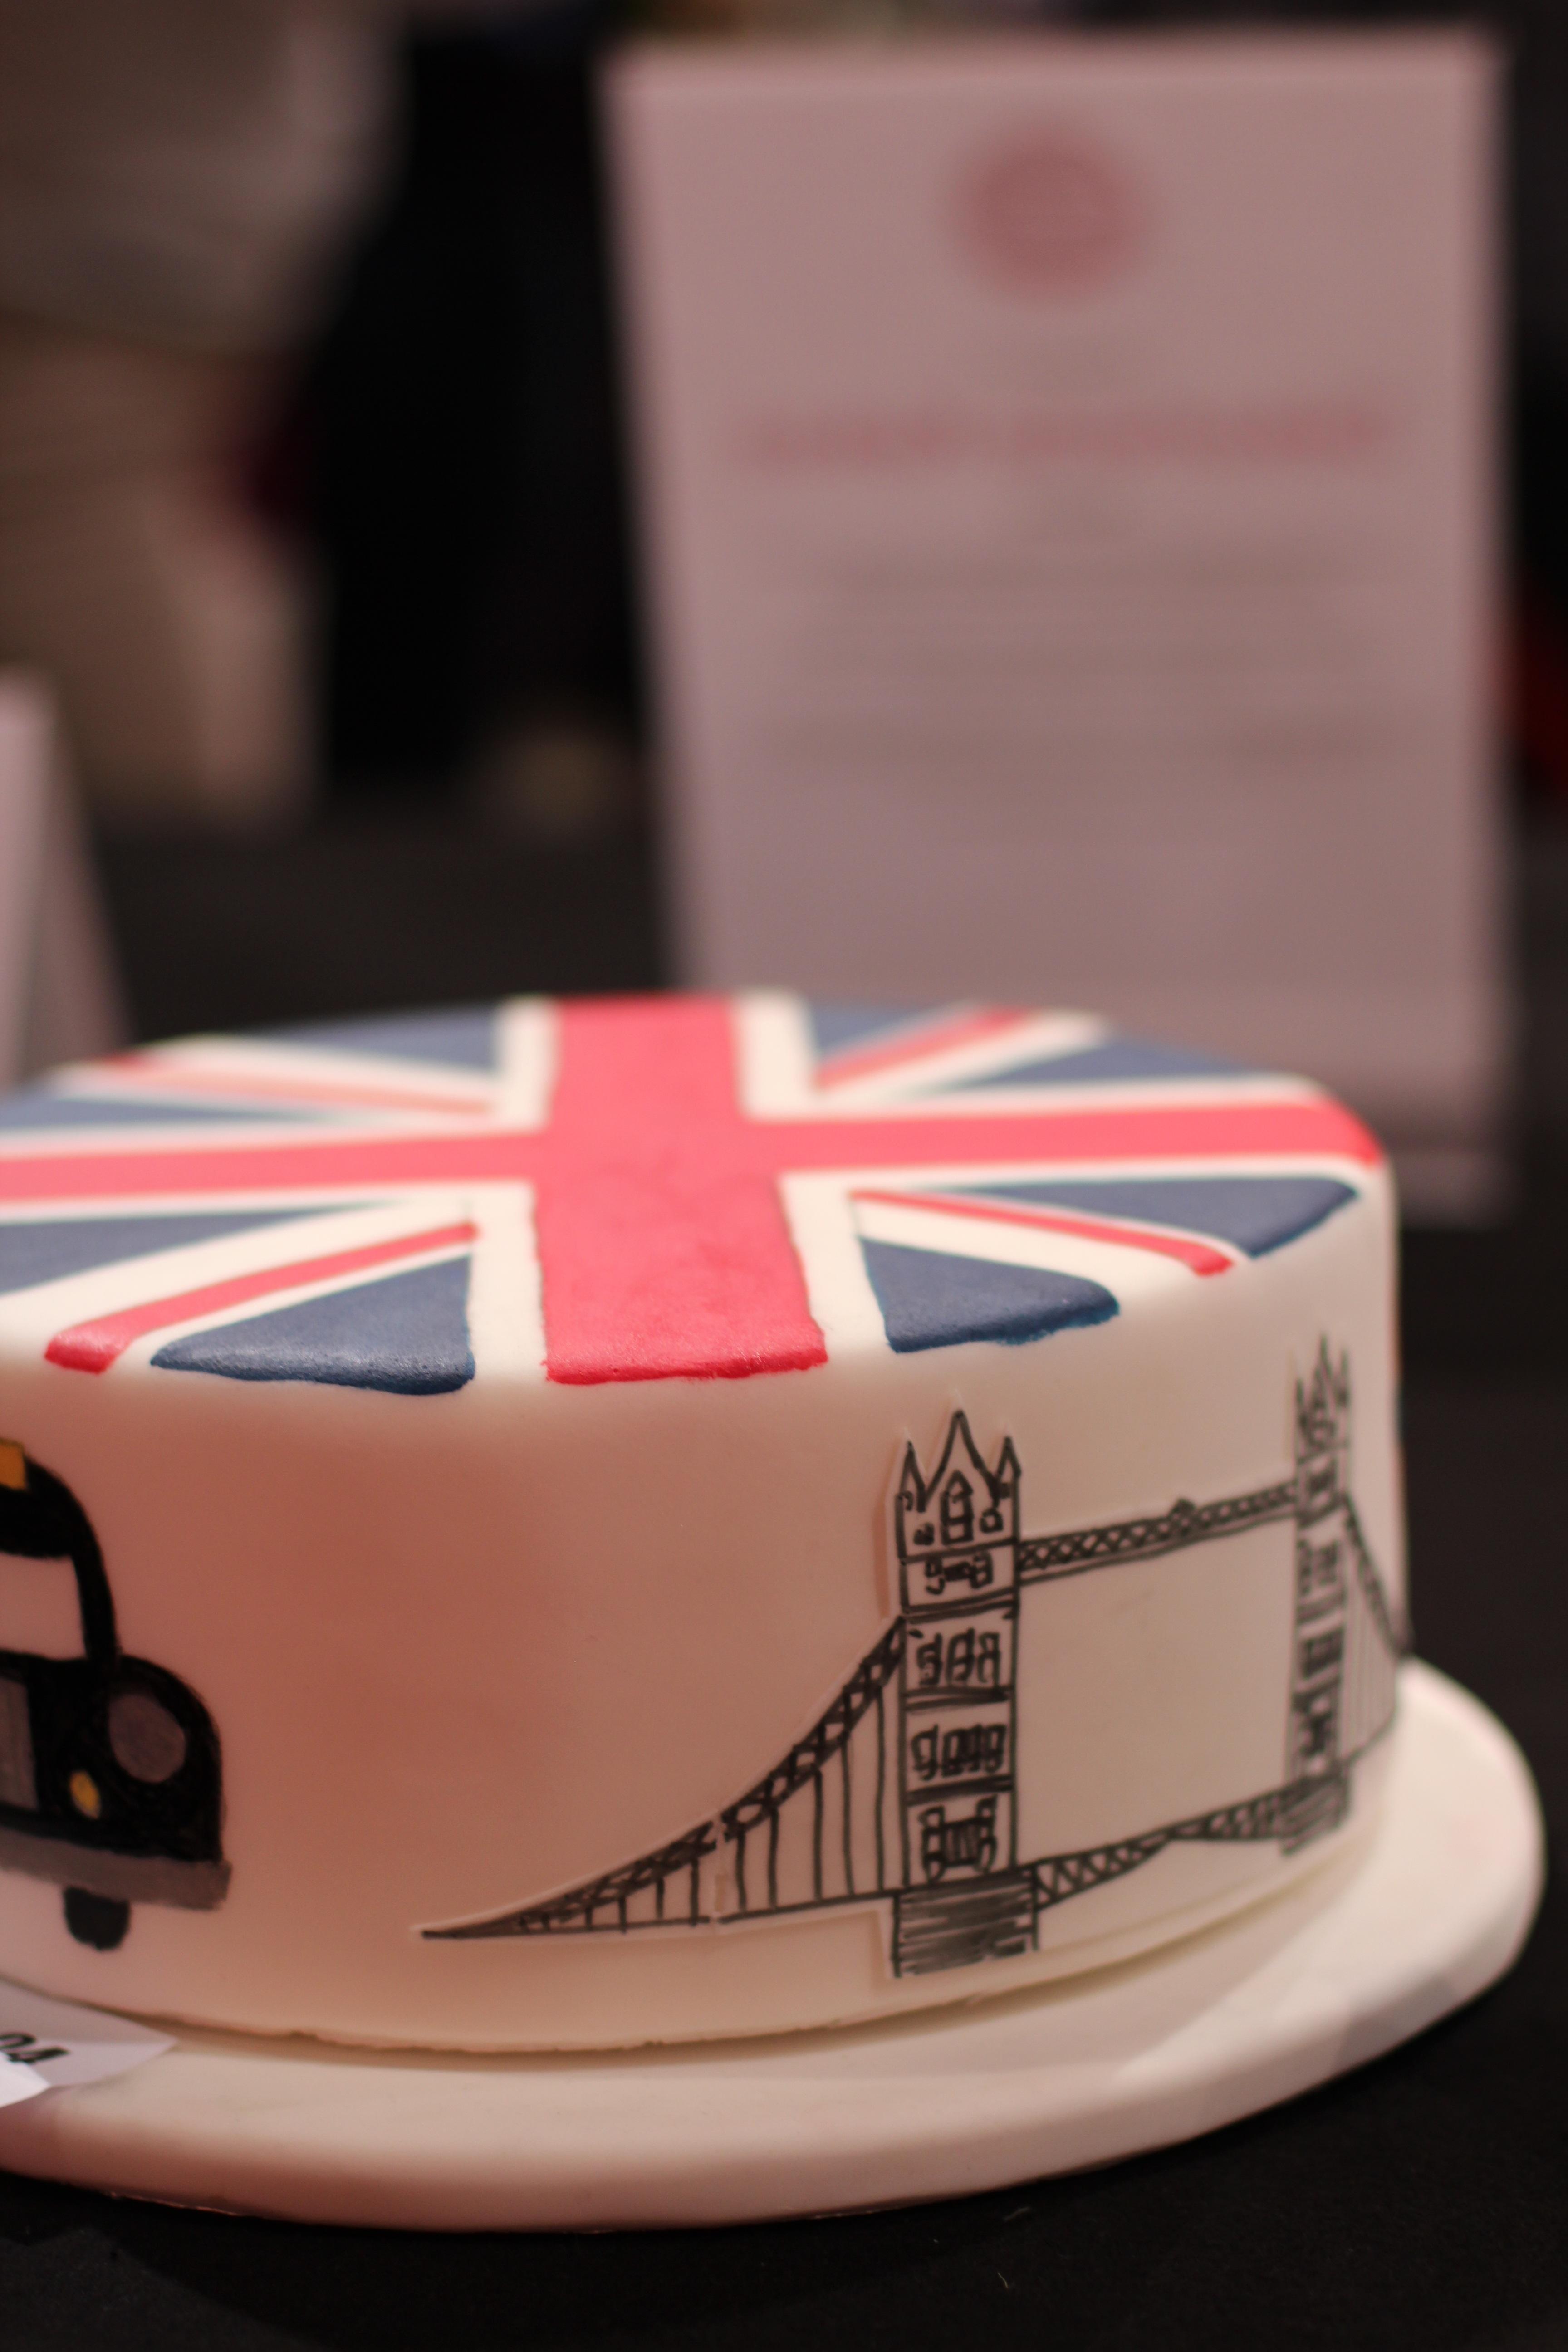 comida rojo postre pastel pastel de cumpleaos reino unido londres formacin de hielo caramelo grosbritano fiesta